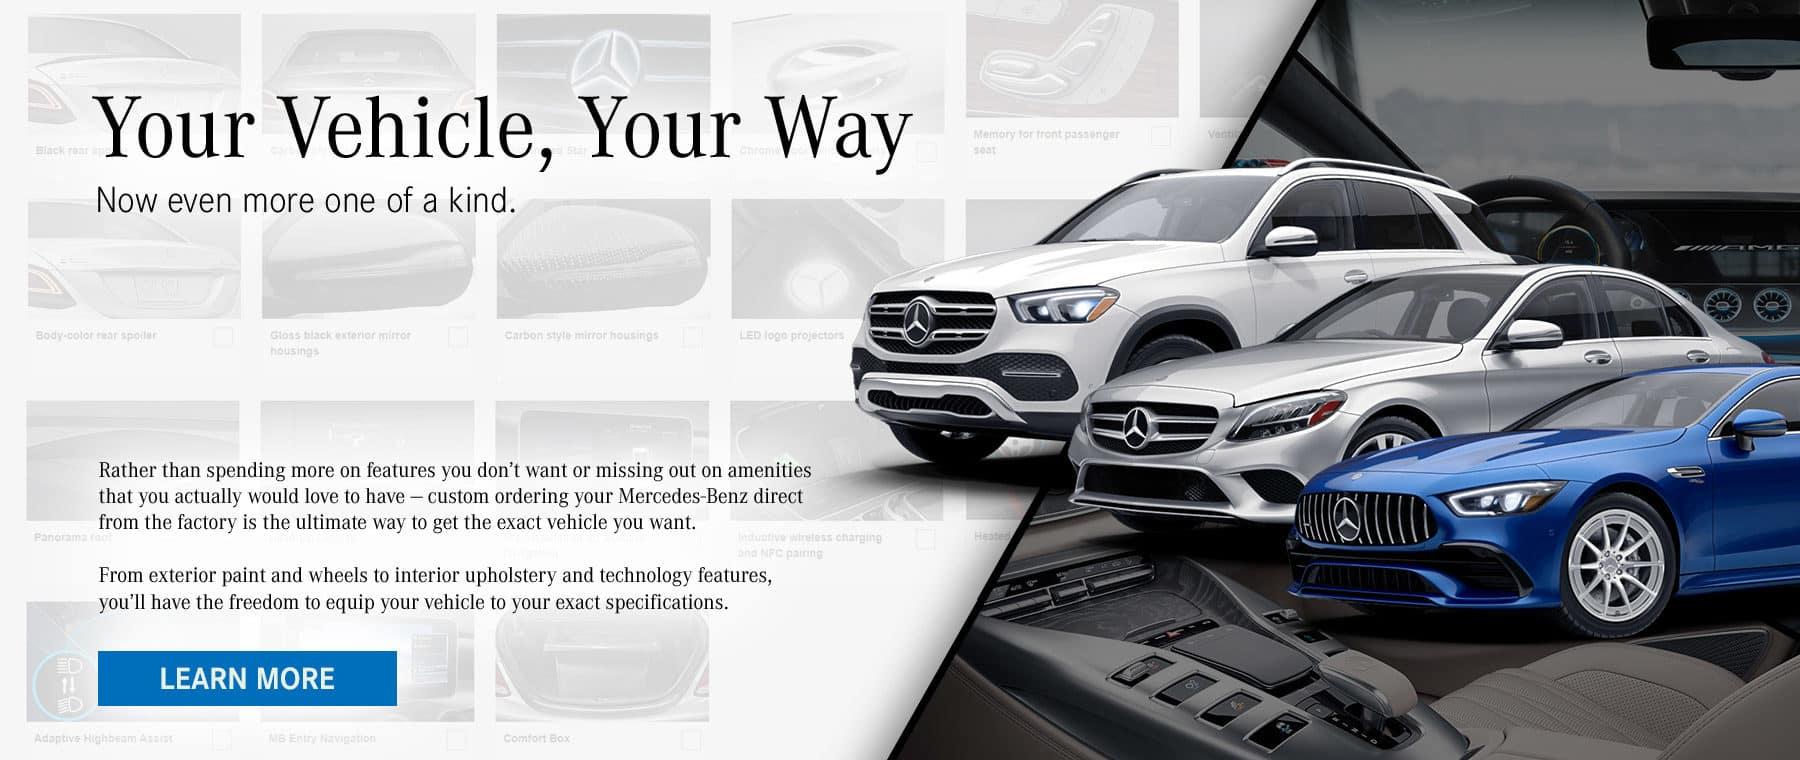 Homepage-Slider-MBS-DIY-Car